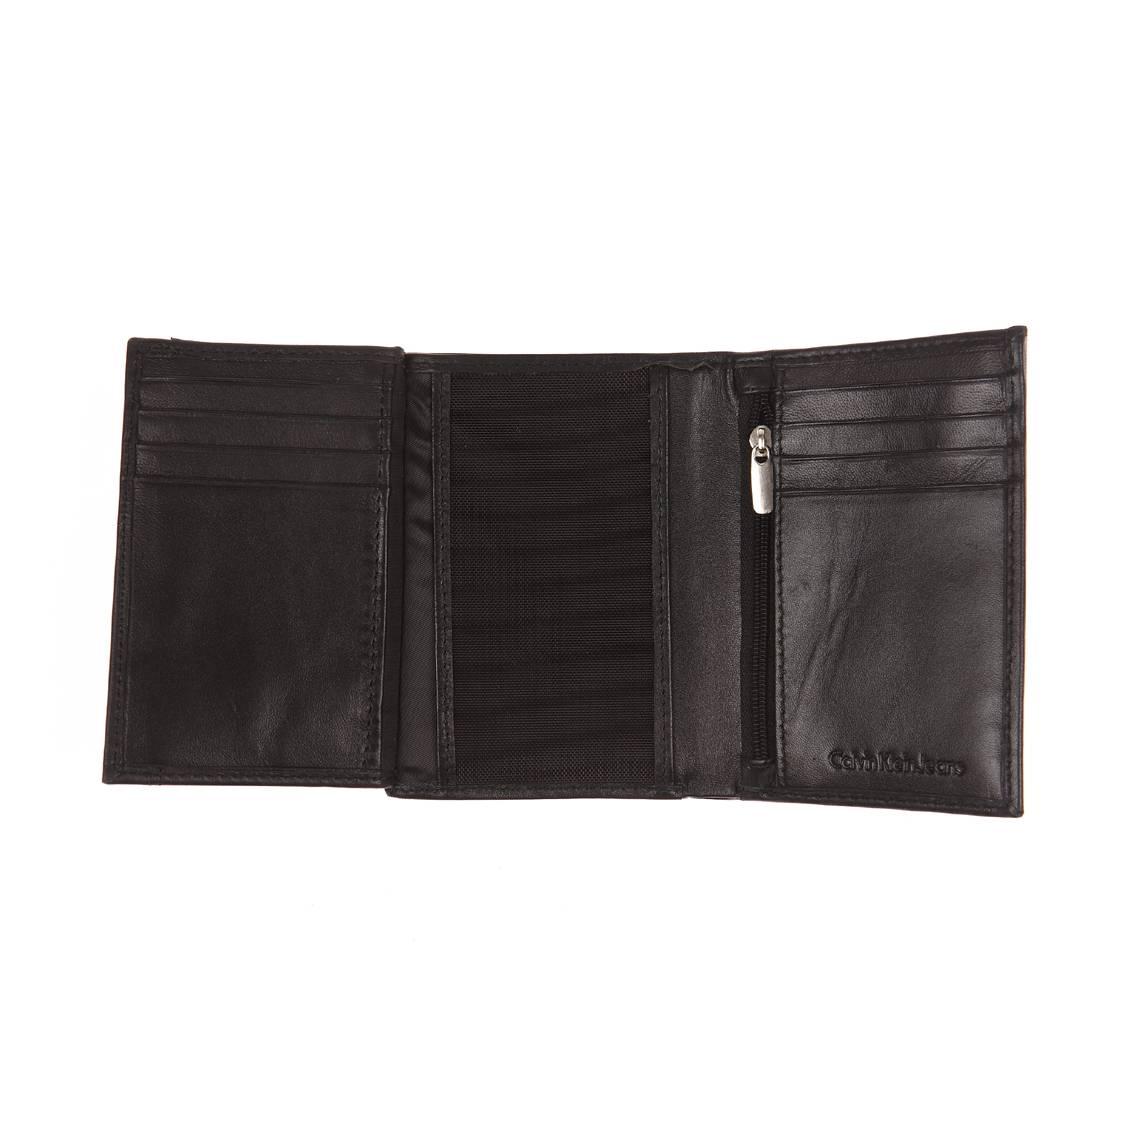 Portefeuille européen Calvin Klein Jeans Rail en cuir lisse noir 7M55P4lx